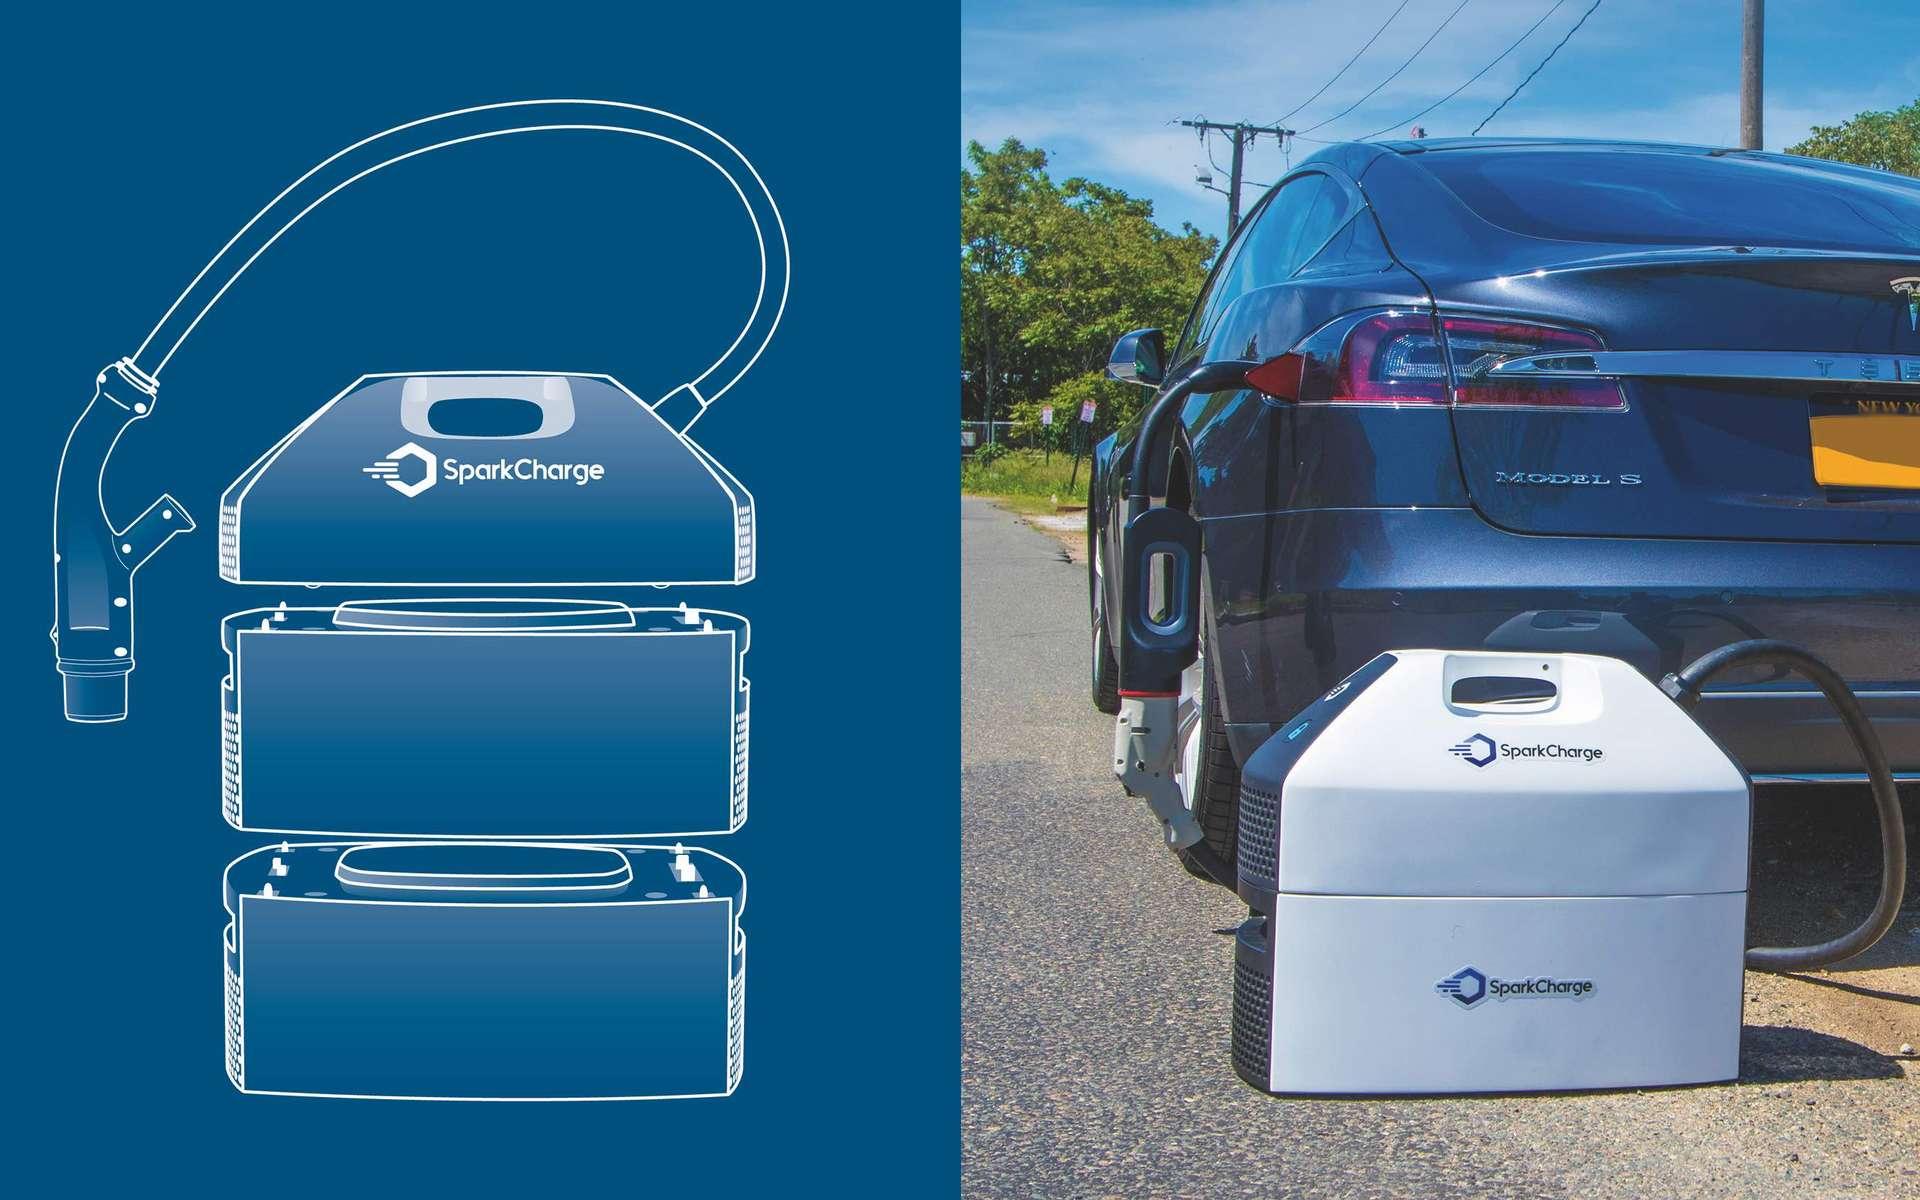 Les modules de recharge mobile de Sparkcharge permettent de gagner de l'autonomie électrique. © Sparkcharge